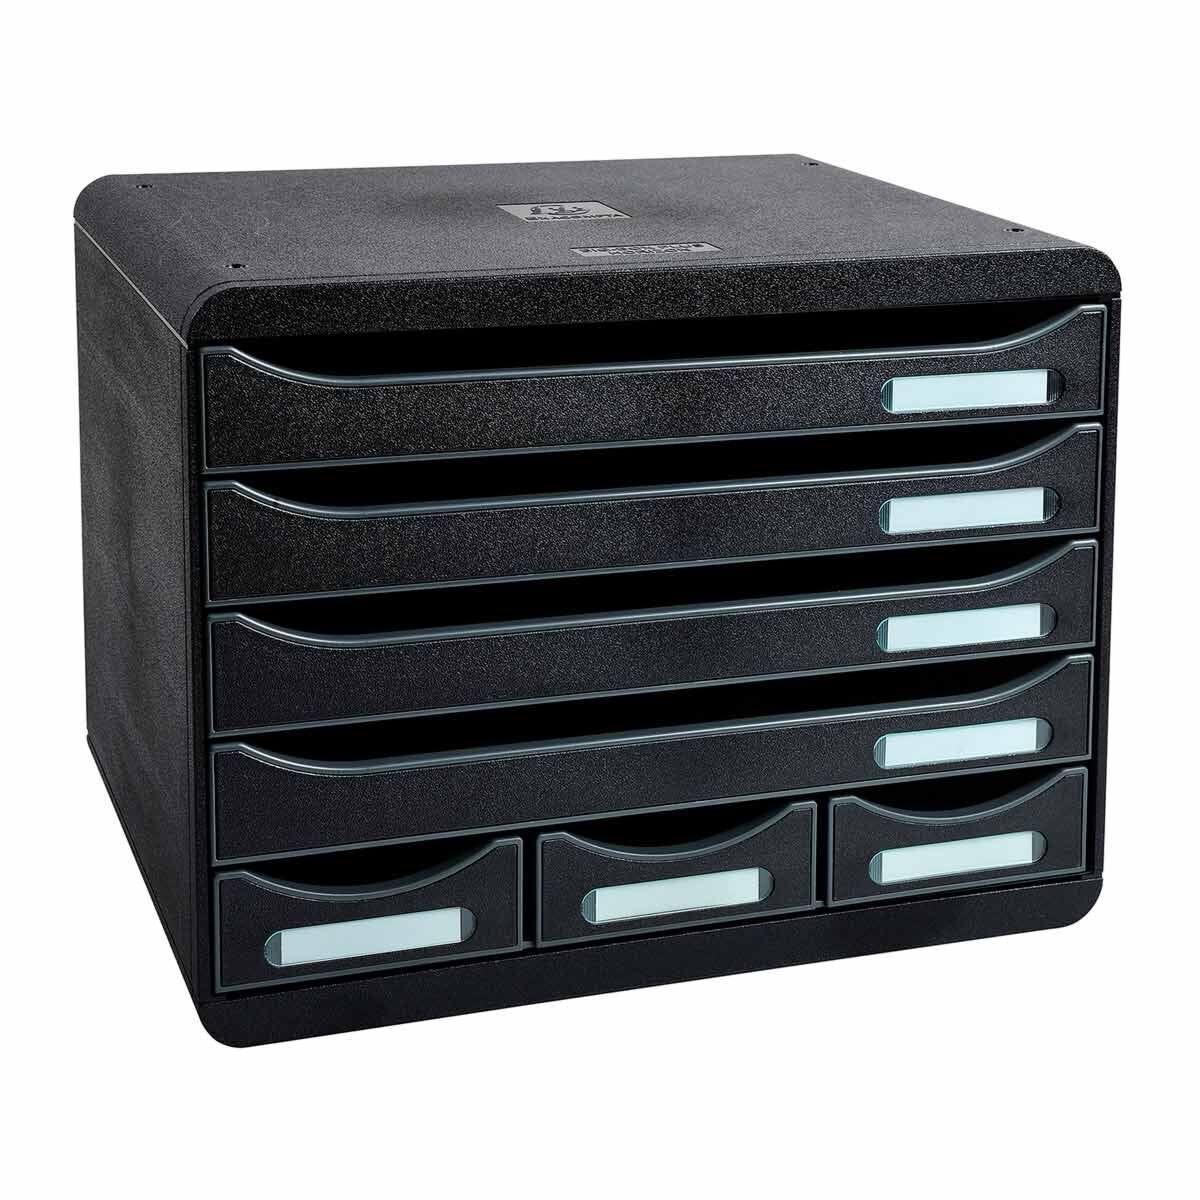 Exacompta Store Box Mini 7 Drawer Set Black